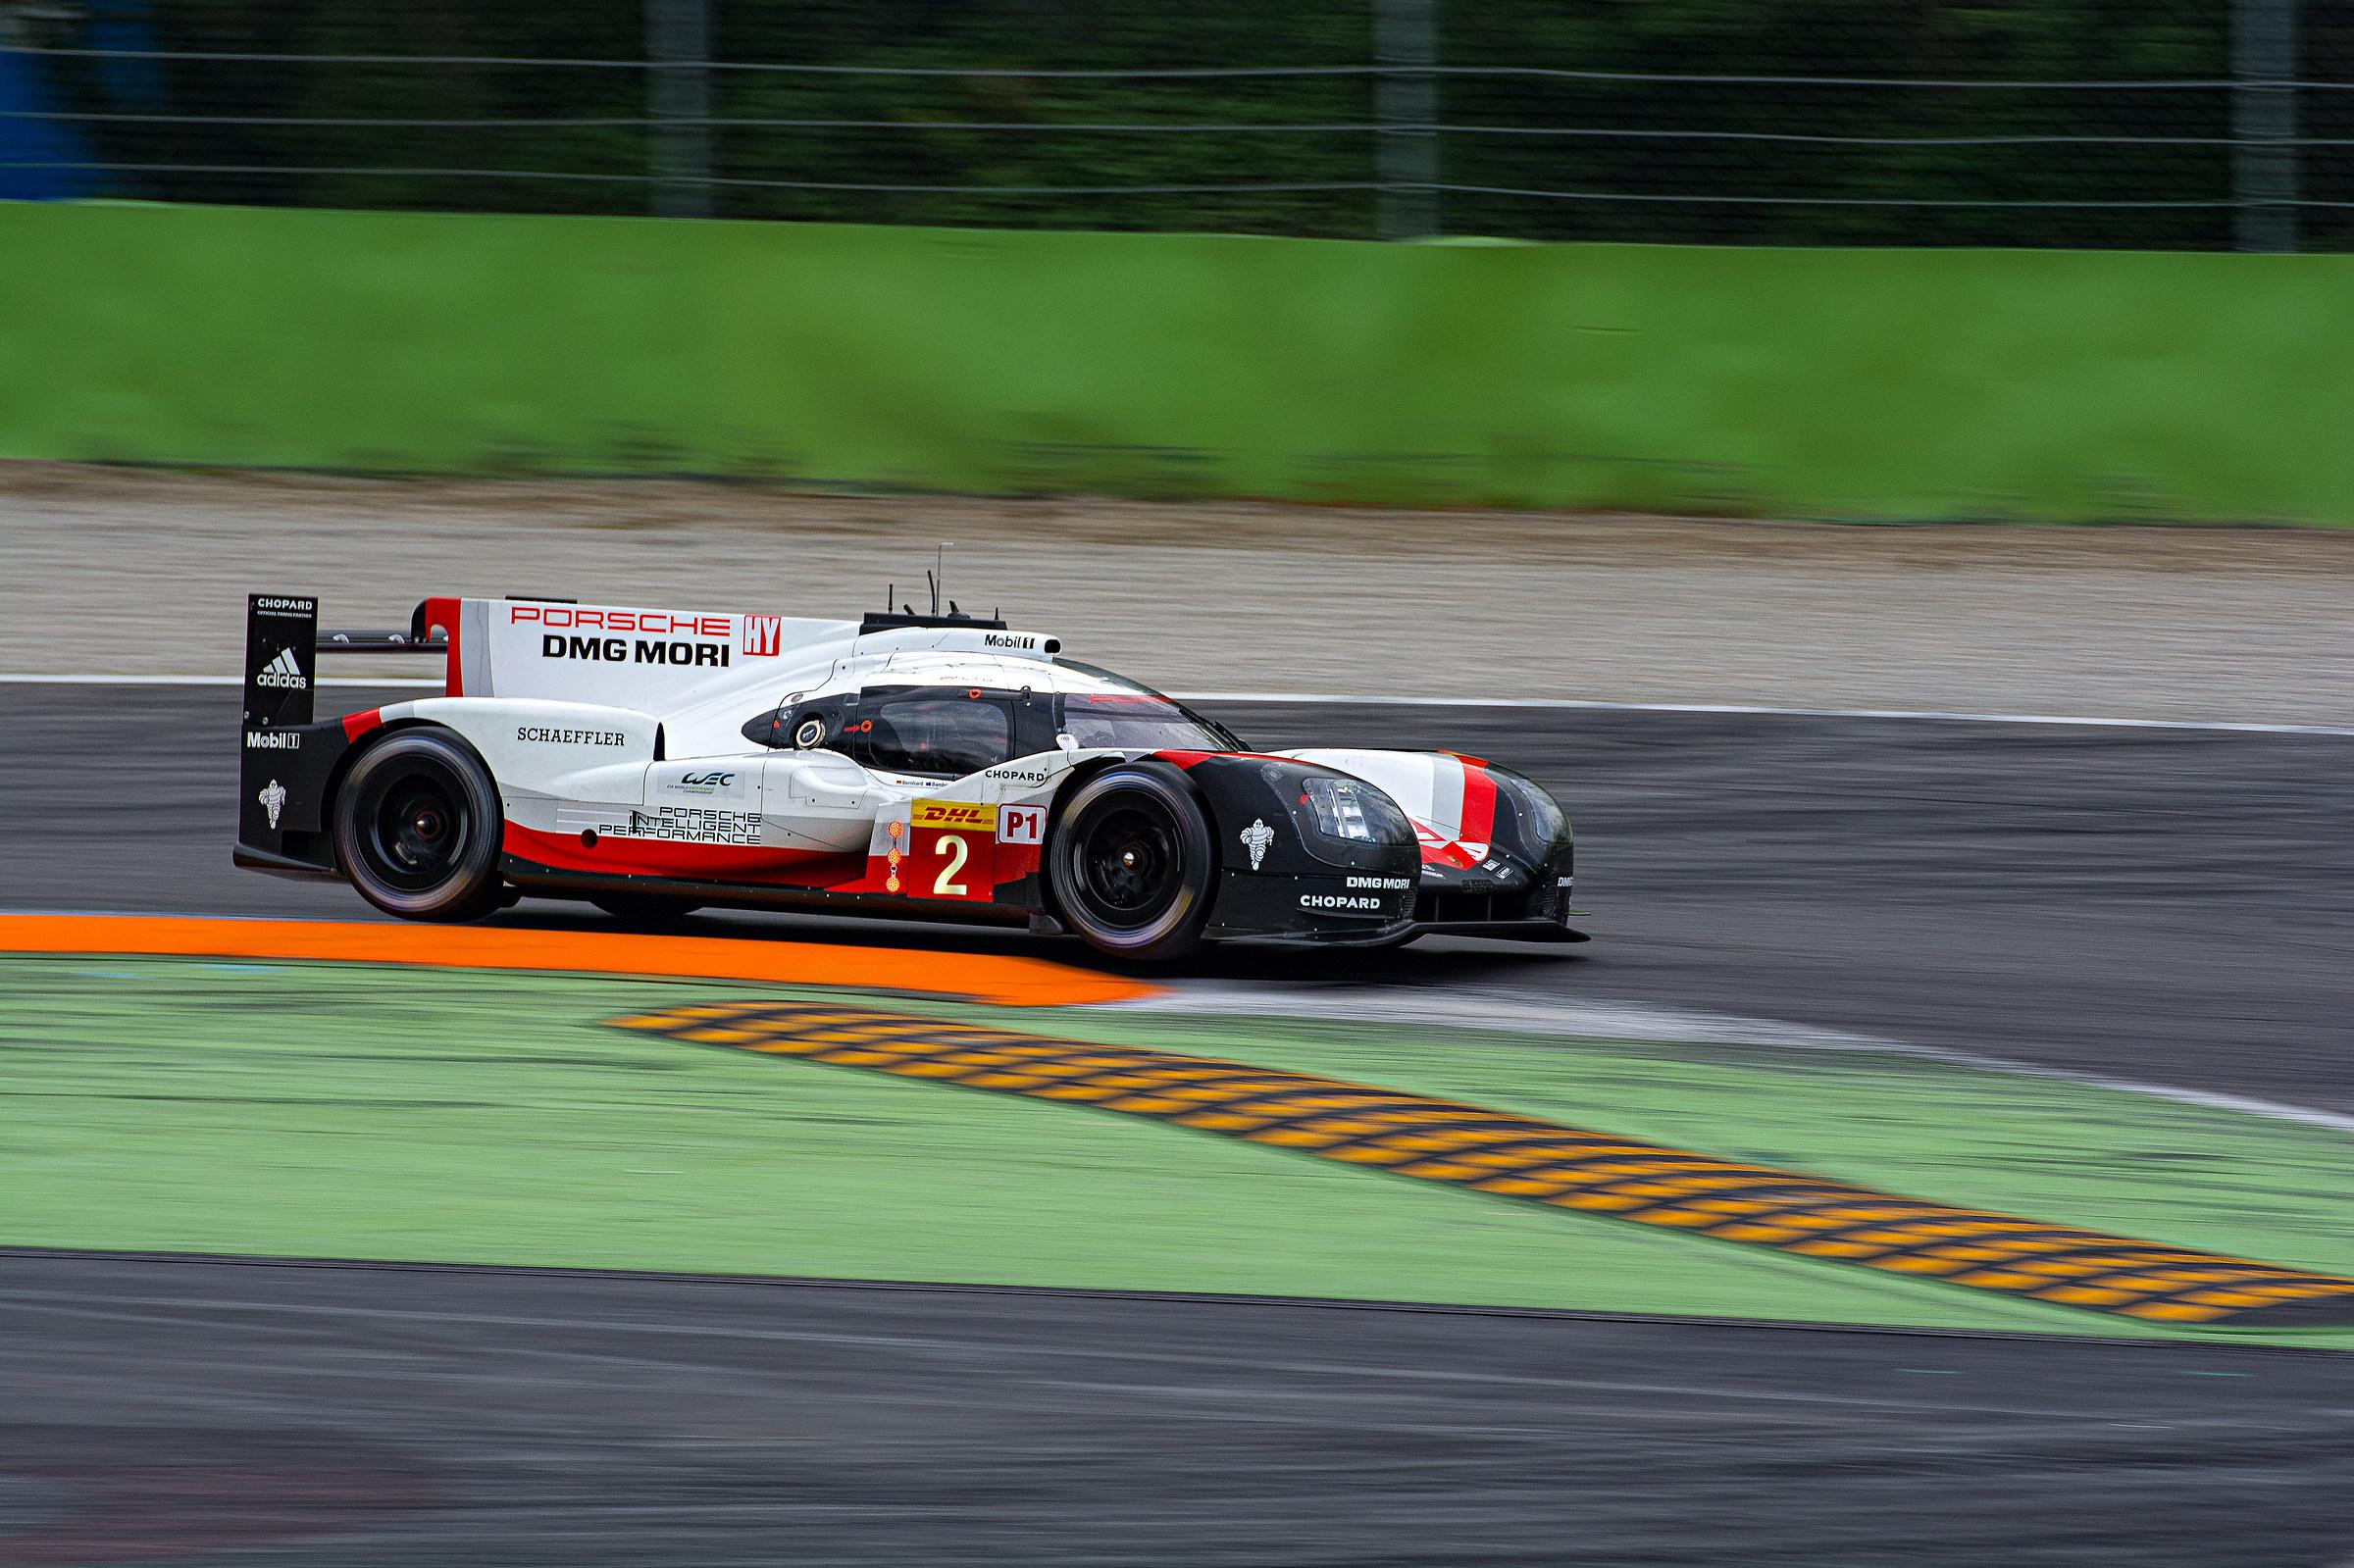 WEC Porsche 919 Hybrid LMP1 - WEC Prologue Monza...